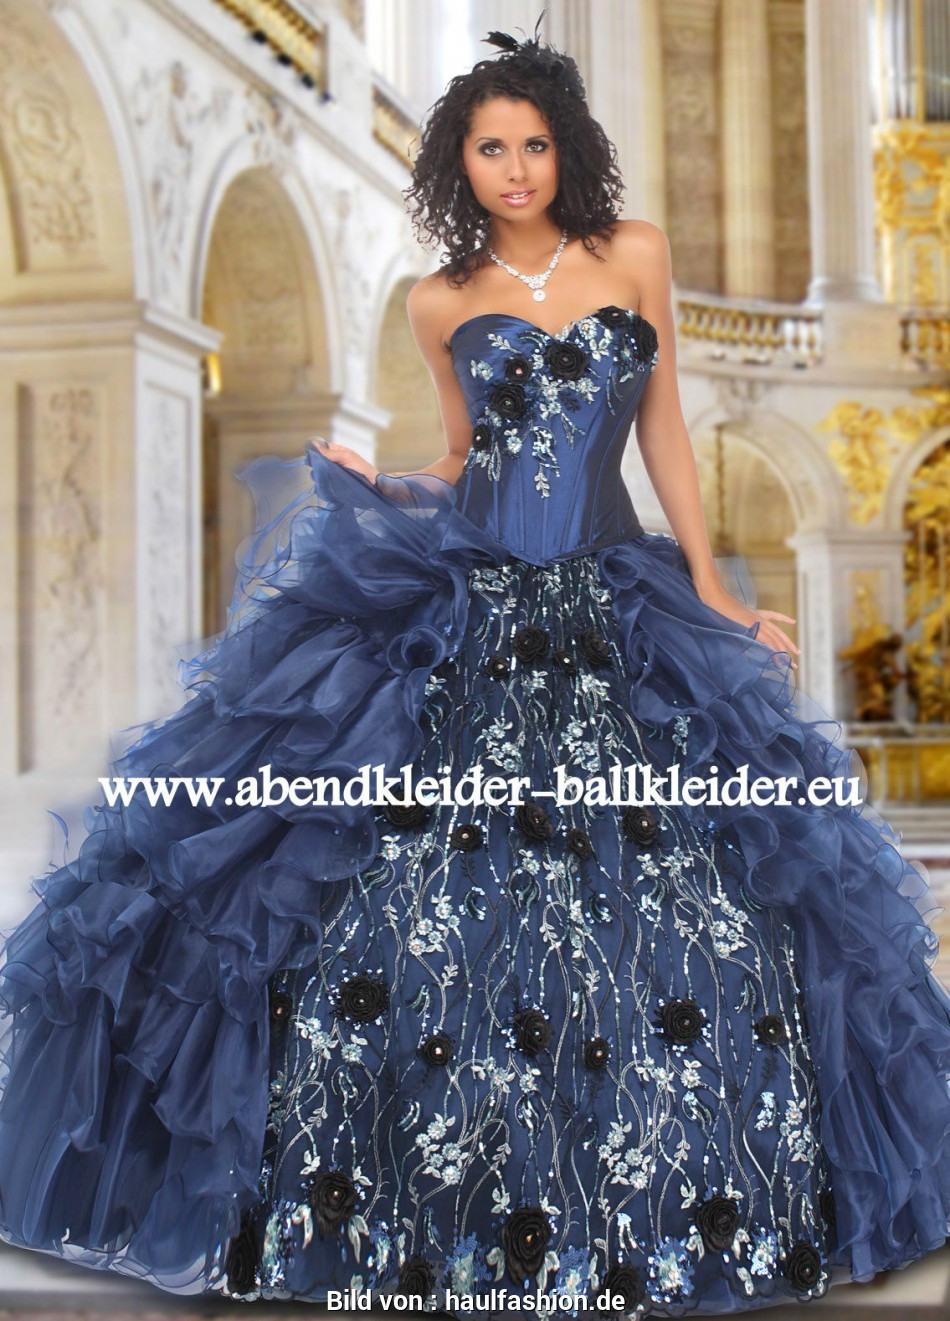 17 Top Abend Kleid Duisburg für 201910 Genial Abend Kleid Duisburg Spezialgebiet